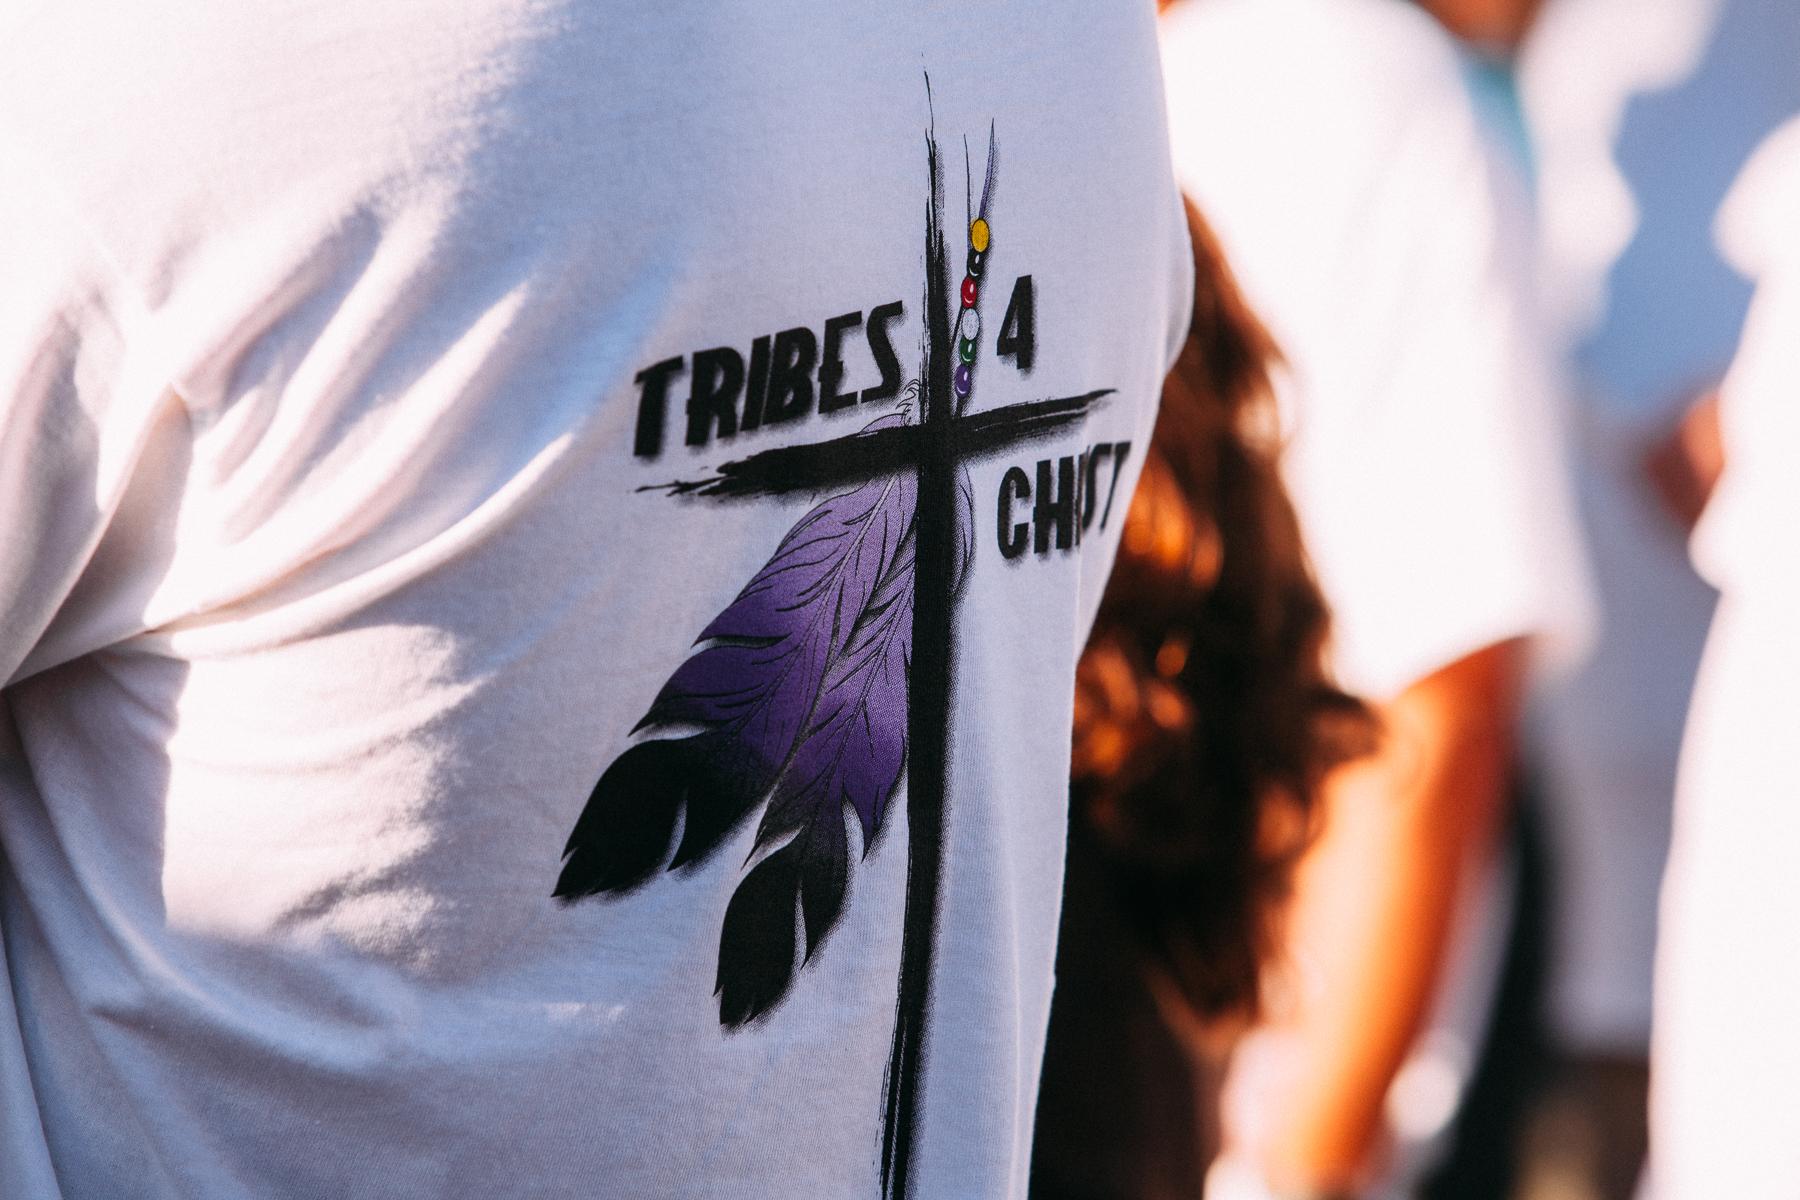 La_Jolla_Tribal_Run_2.jpg